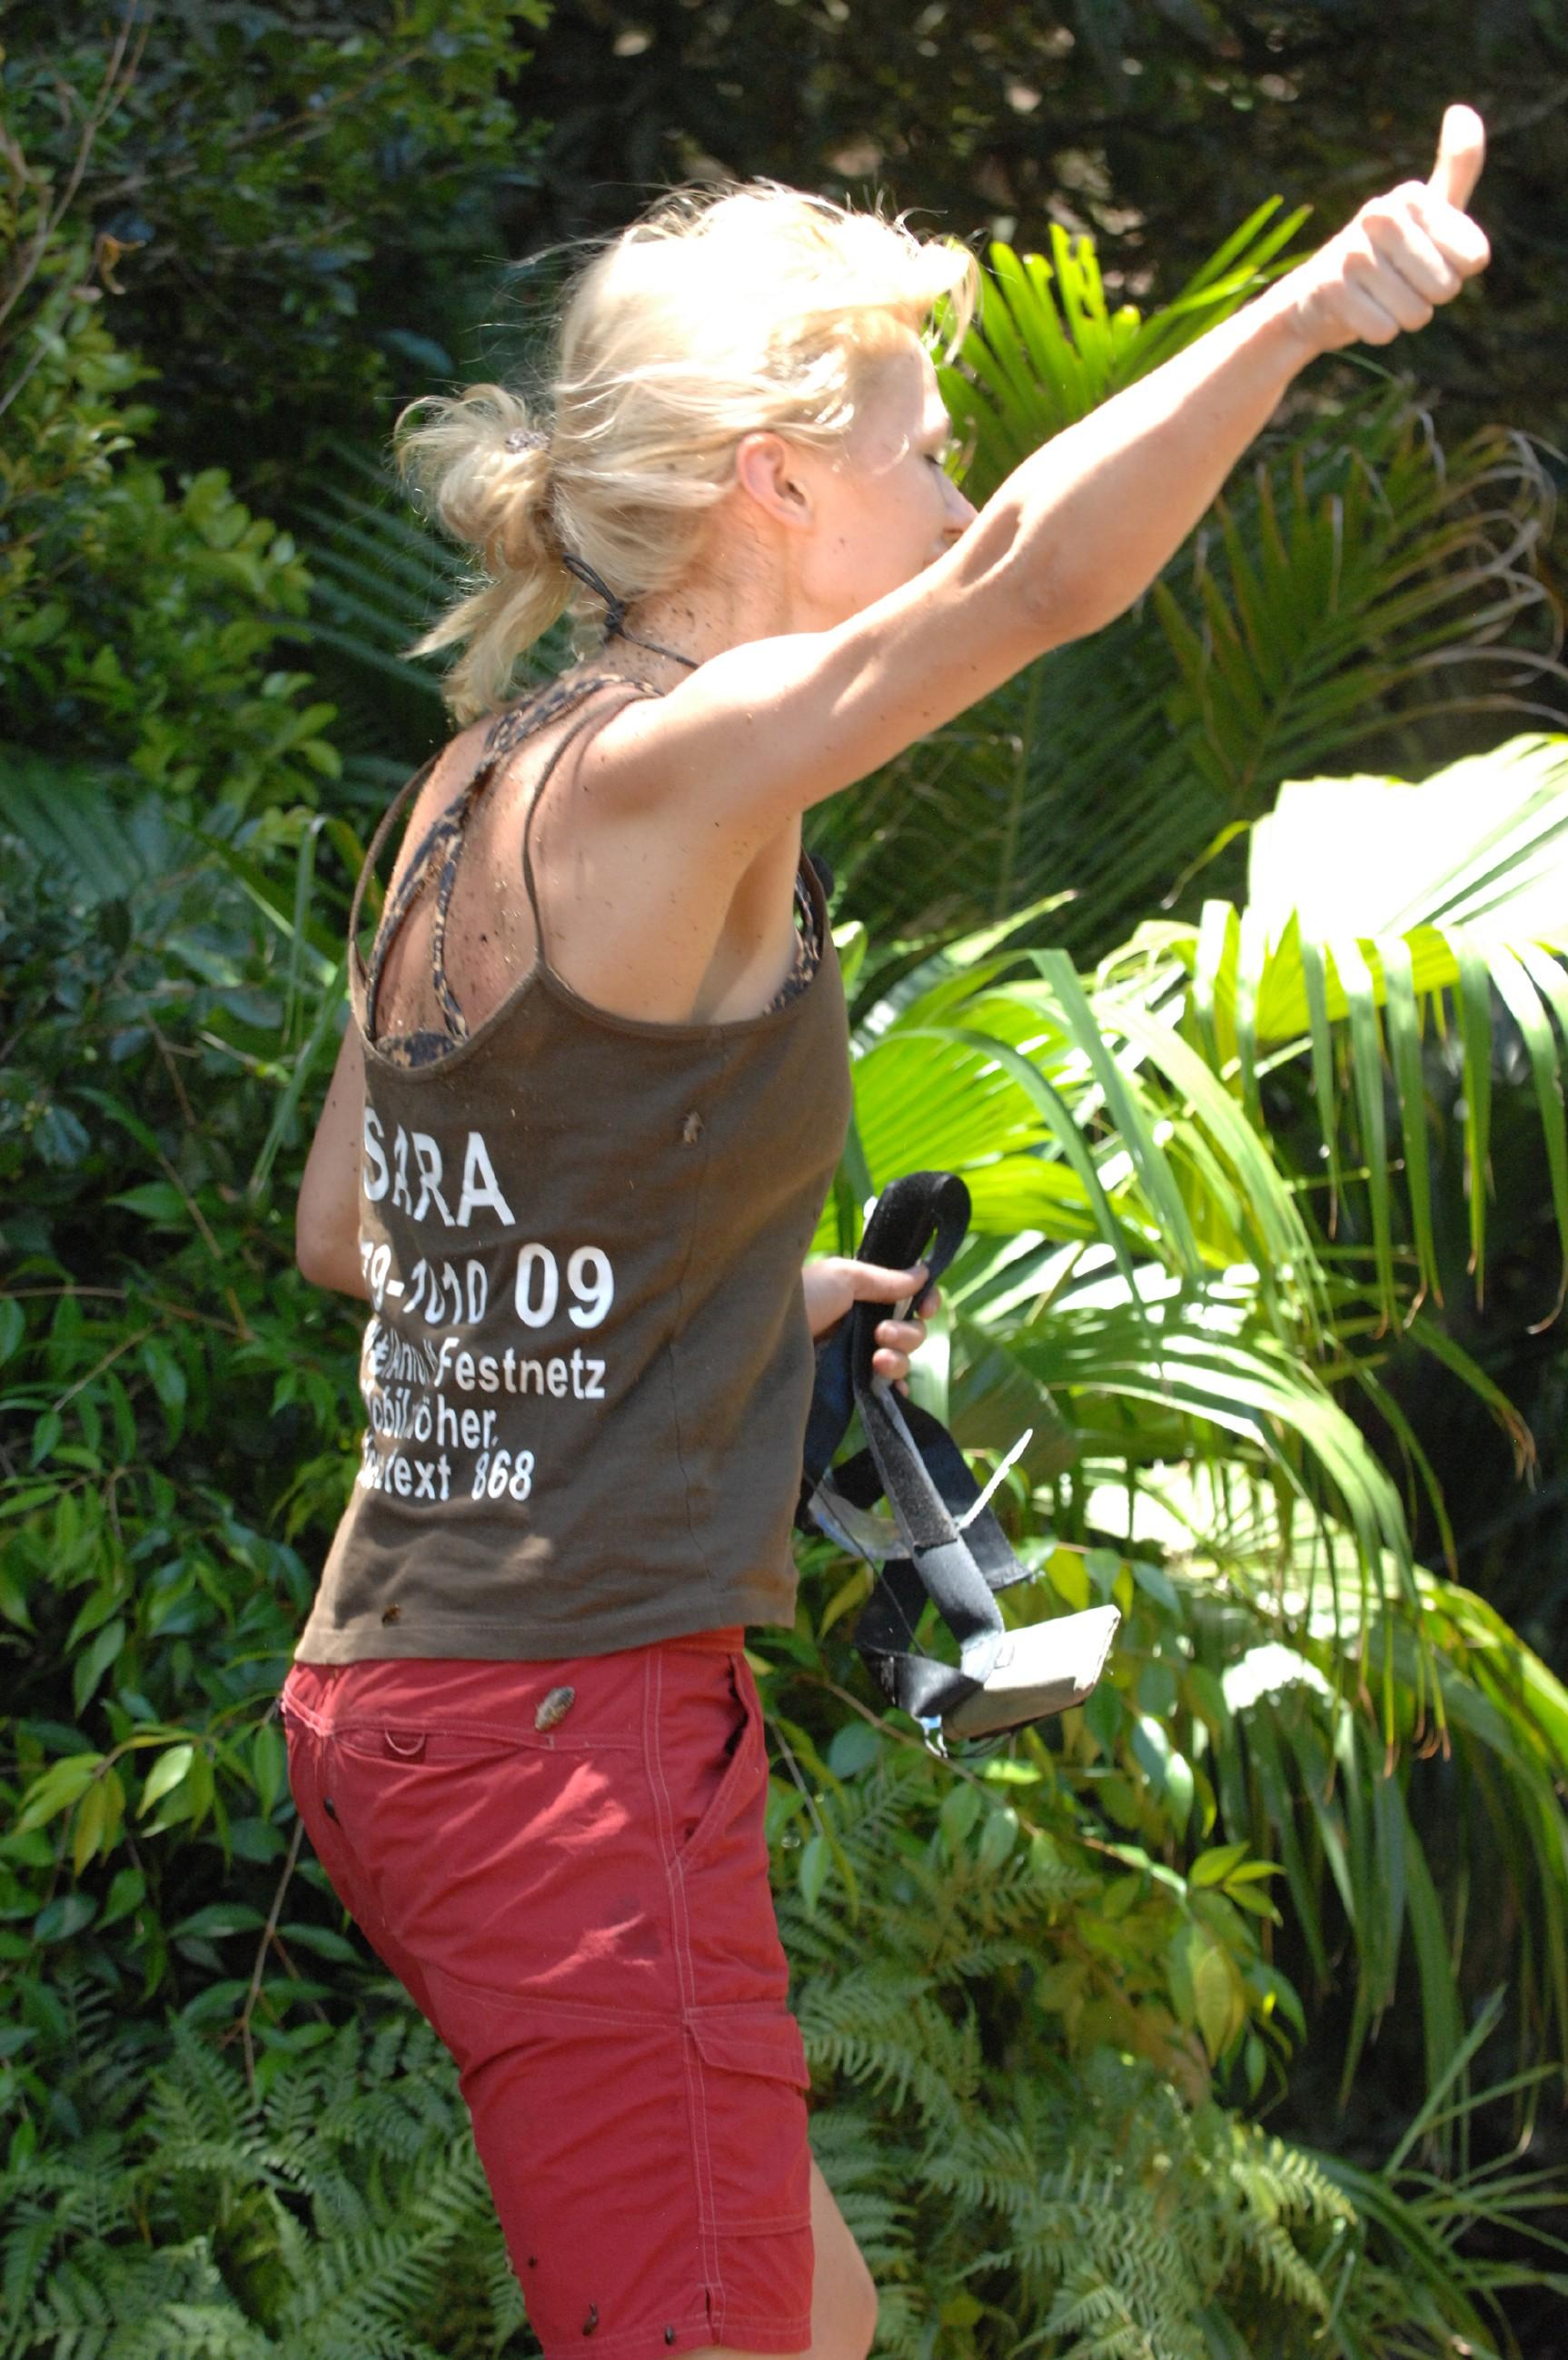 Dschungelcamp 2015 Dschungelprüfung 3 - Sara freut sich über gewonnene Prüfung